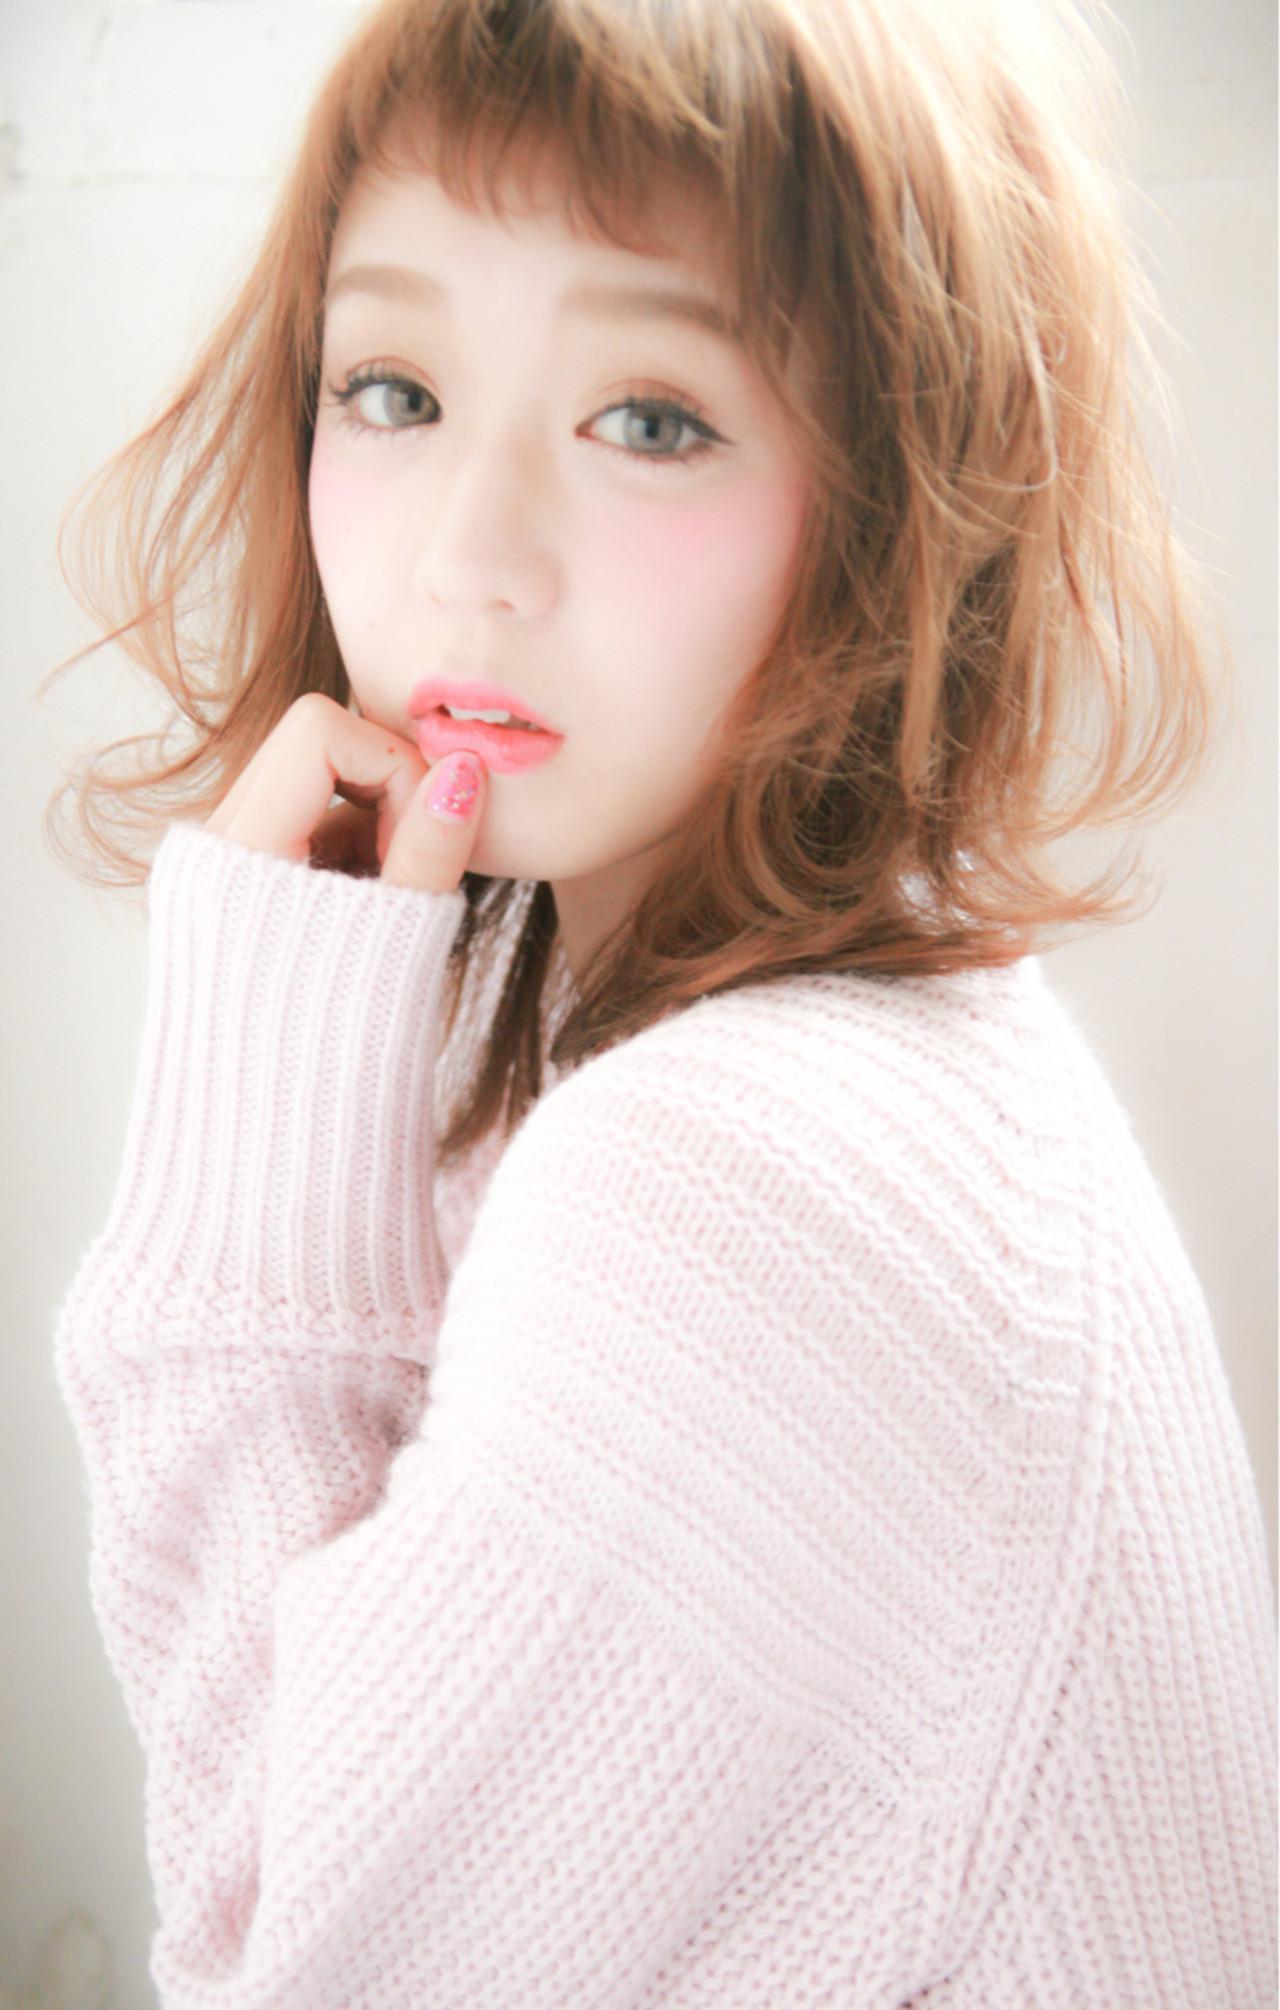 ヘアアレンジ フェミニン 色気 ミディアム ヘアスタイルや髪型の写真・画像 | 佐藤 章太 / Heartim代官山